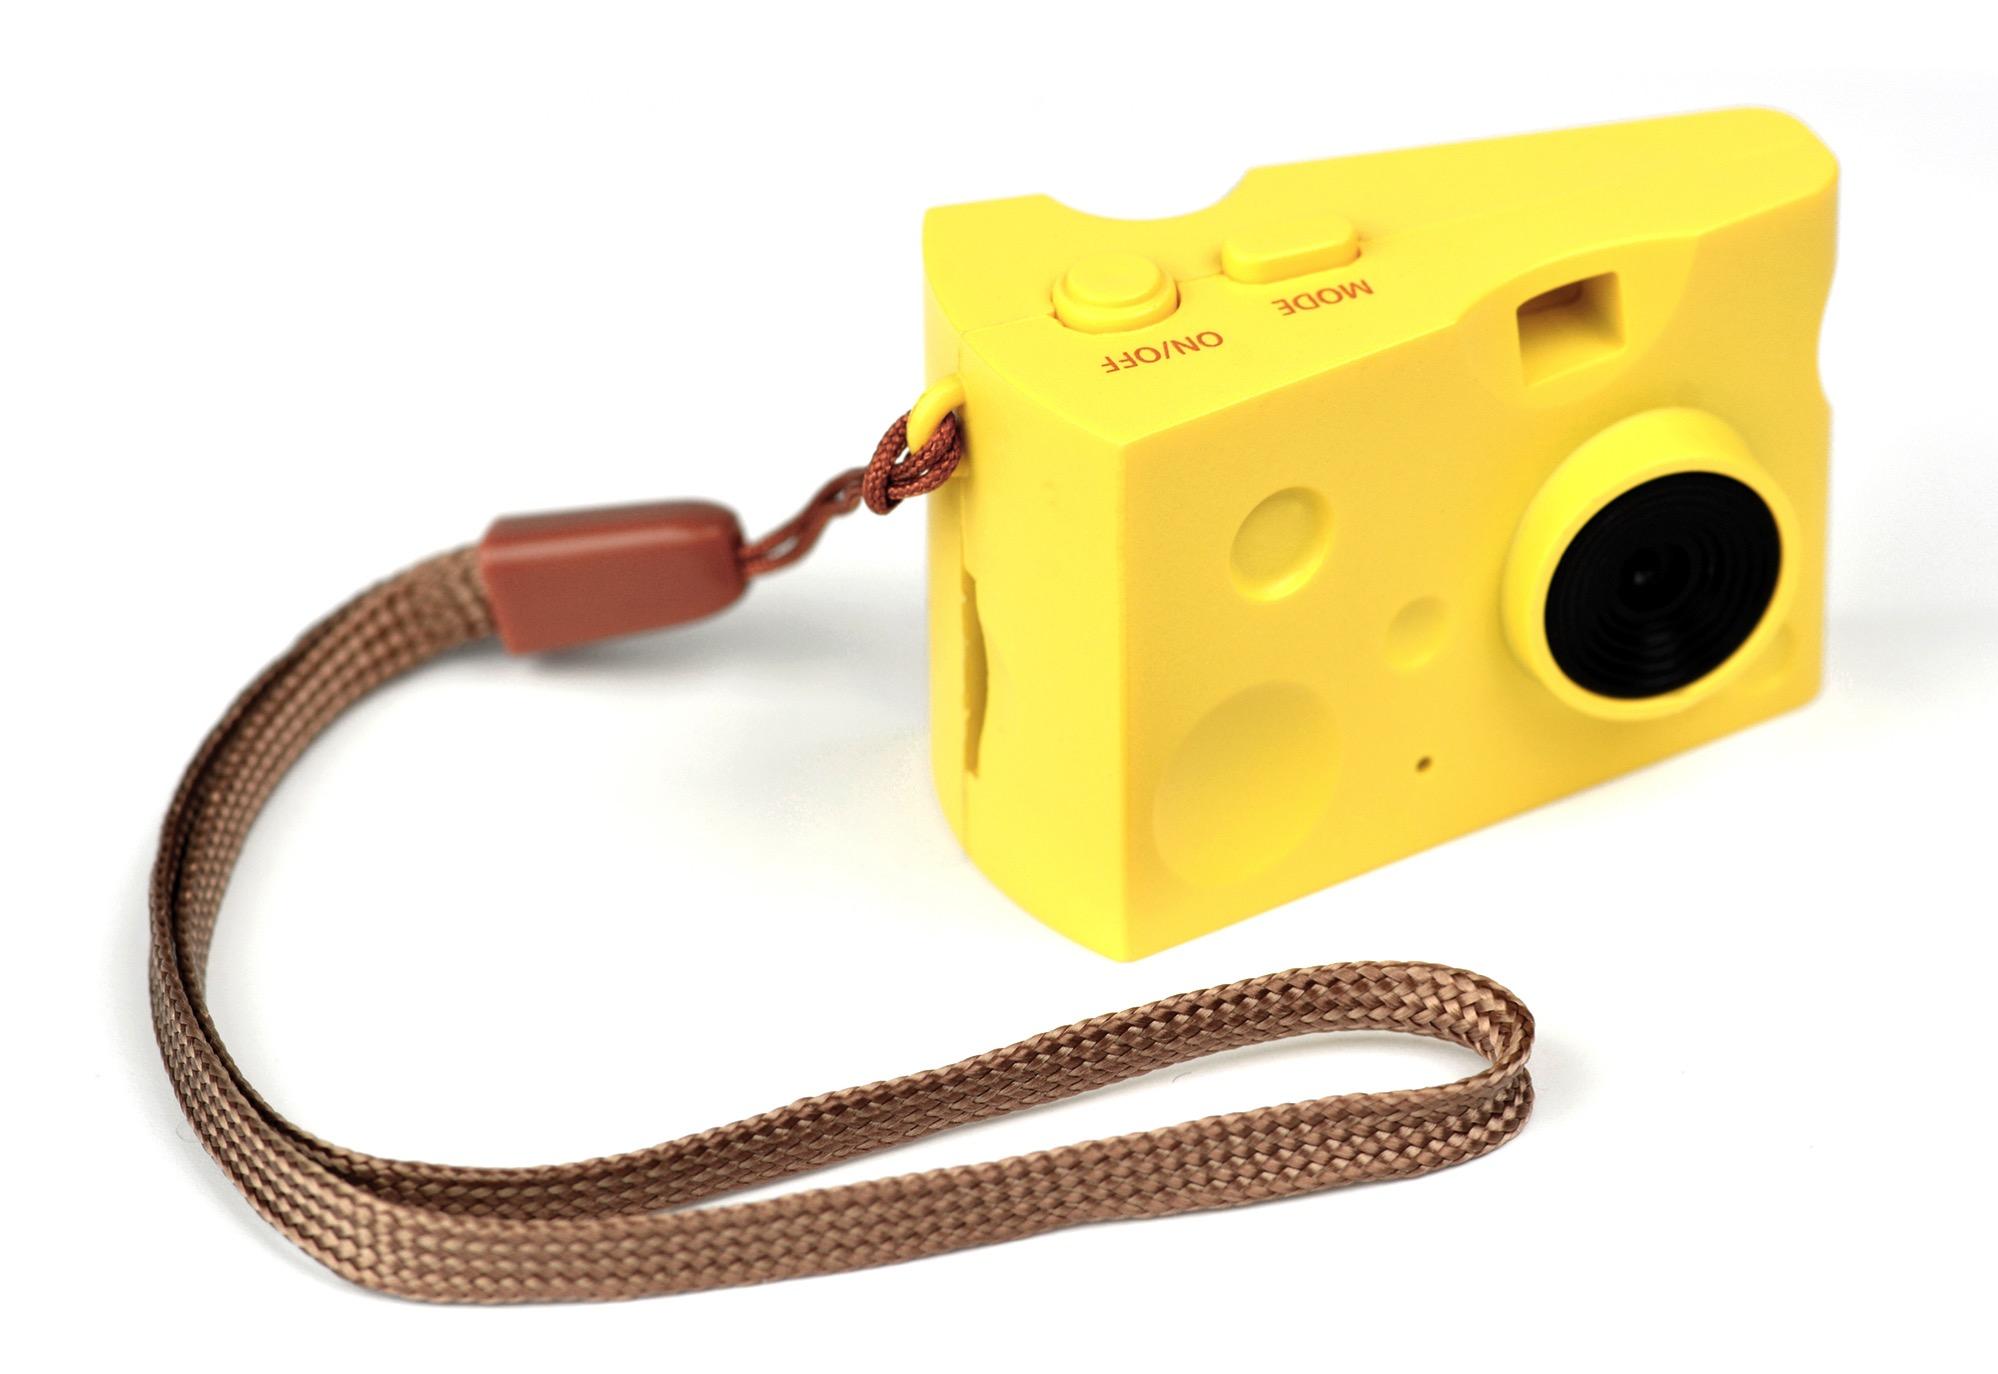 チーズカメラ ストラップ